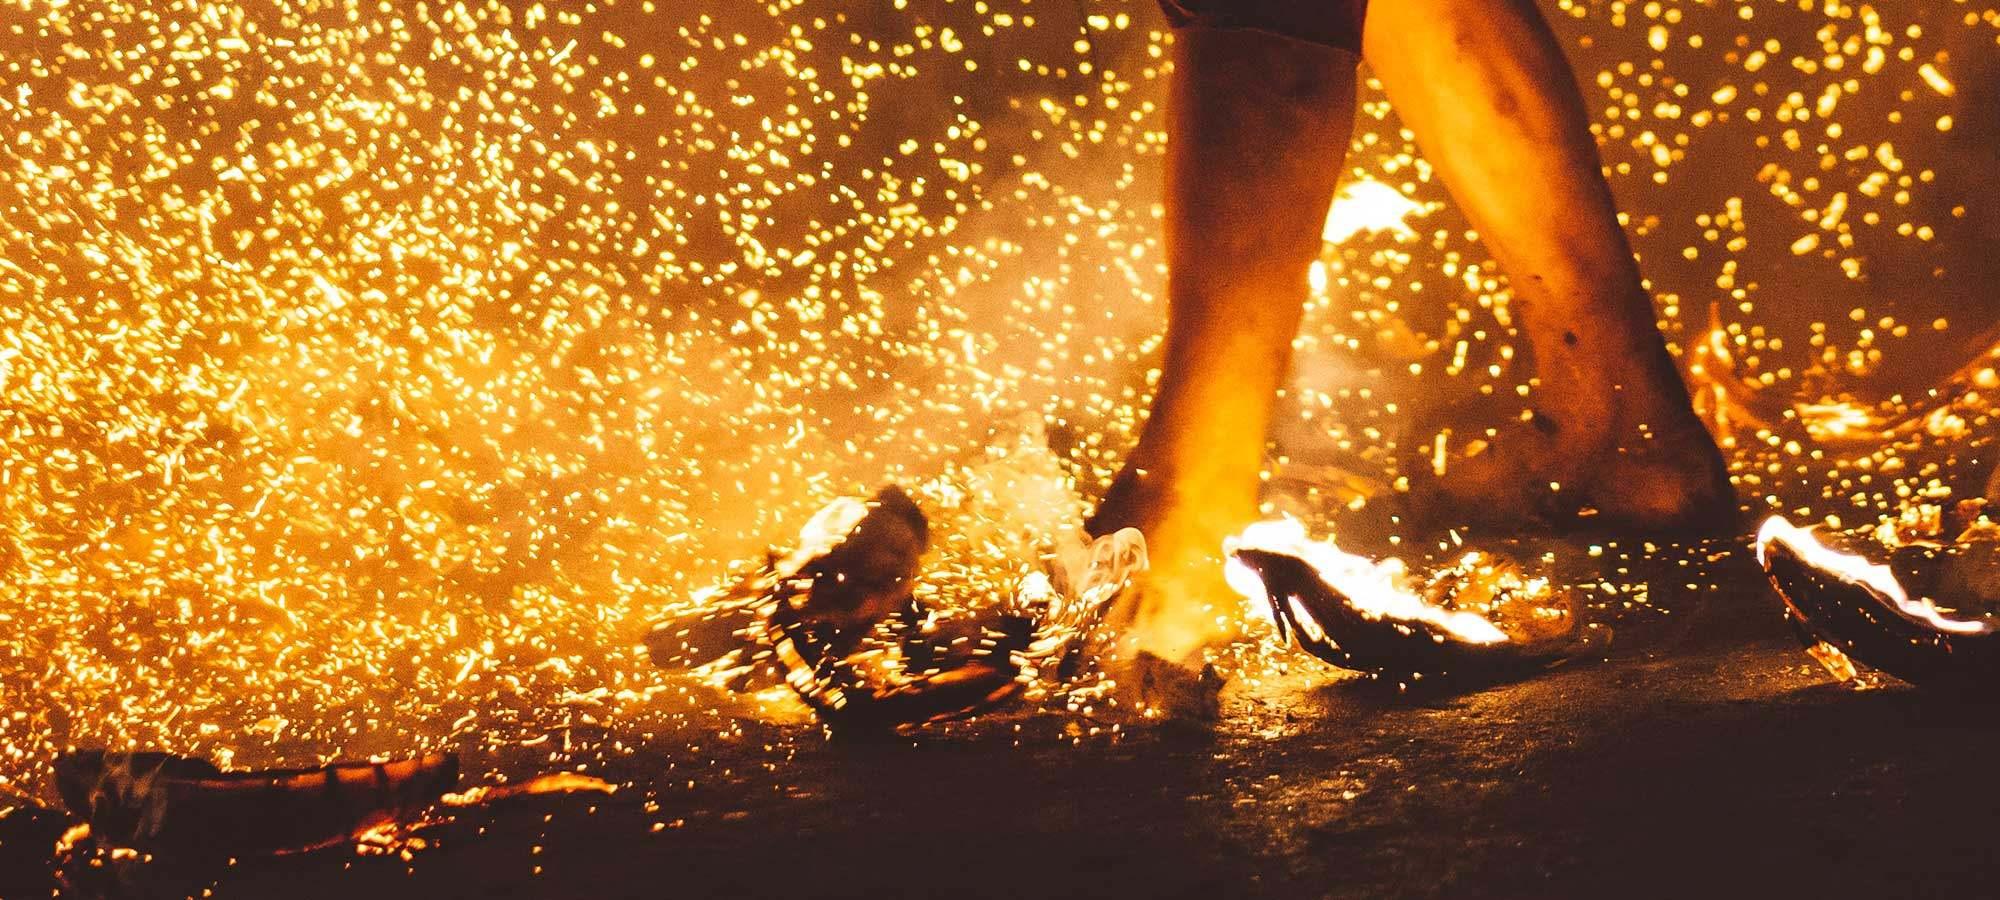 Firewalk-2.jpg